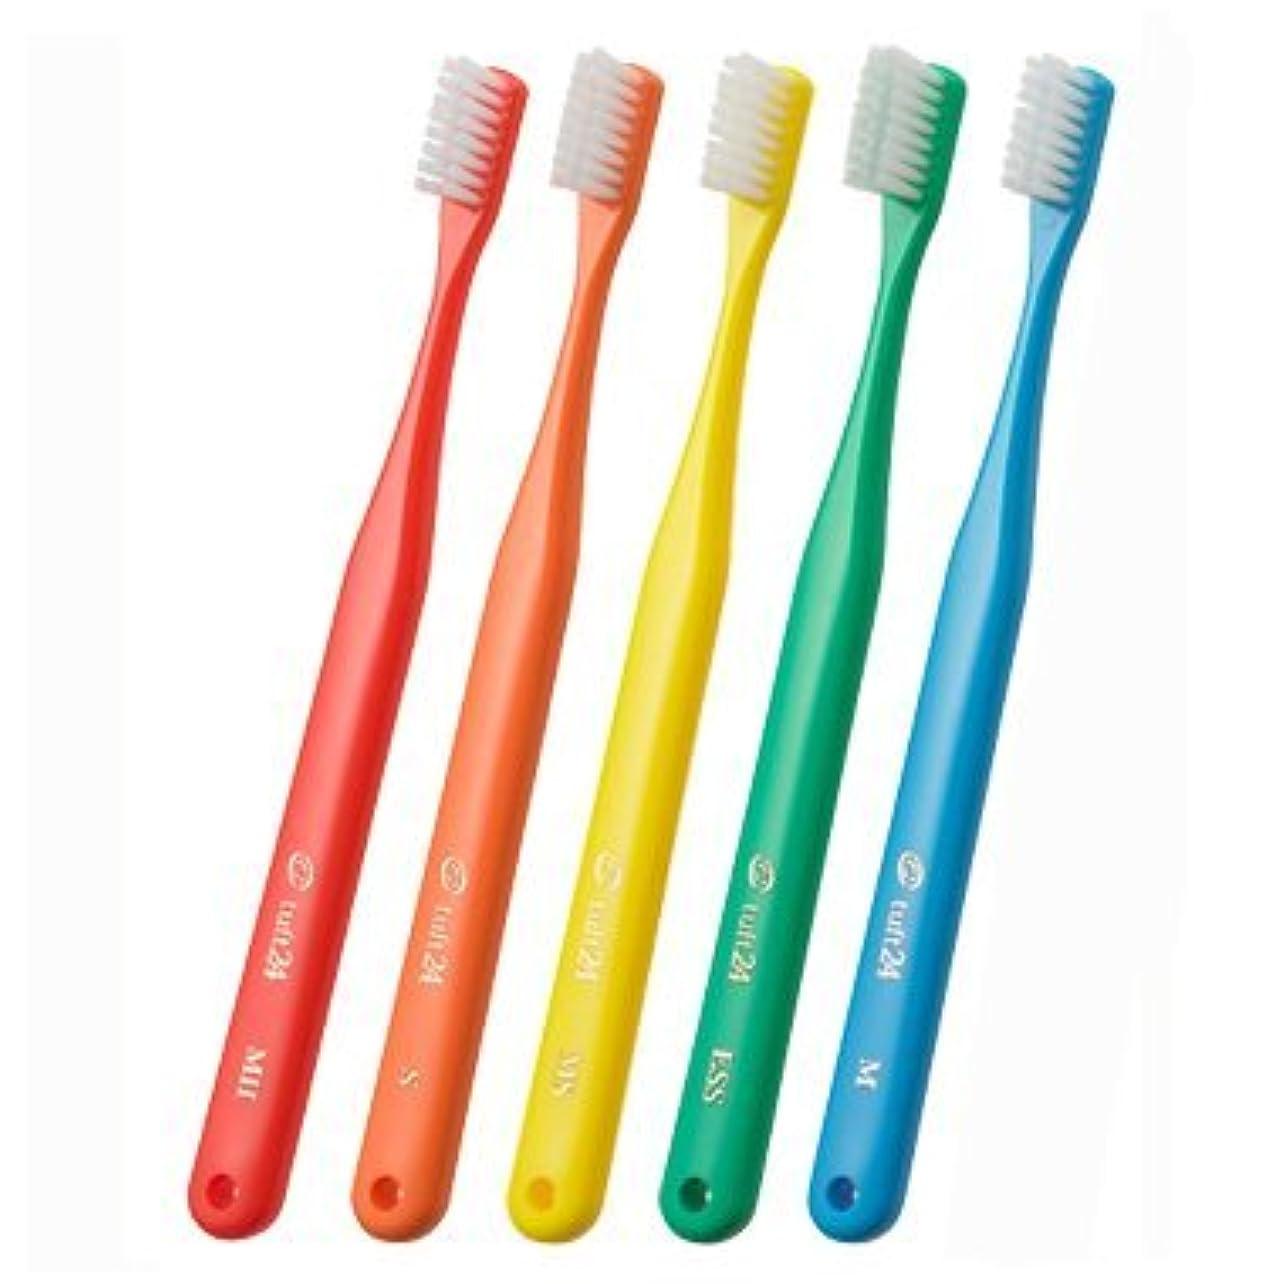 論争的専らチロタフト 24 歯ブラシ × 5本 アソート (S(ソフト))